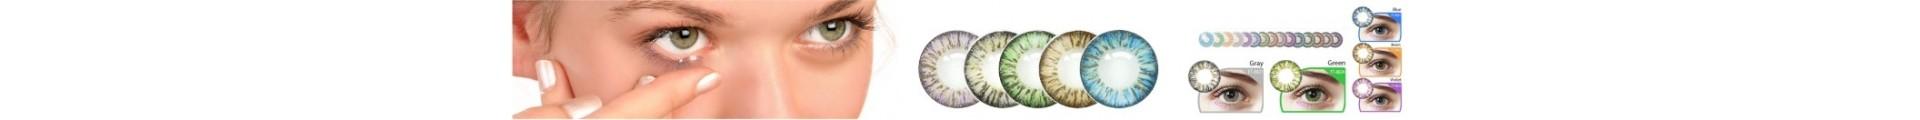 Lentes Cosméticos Colors